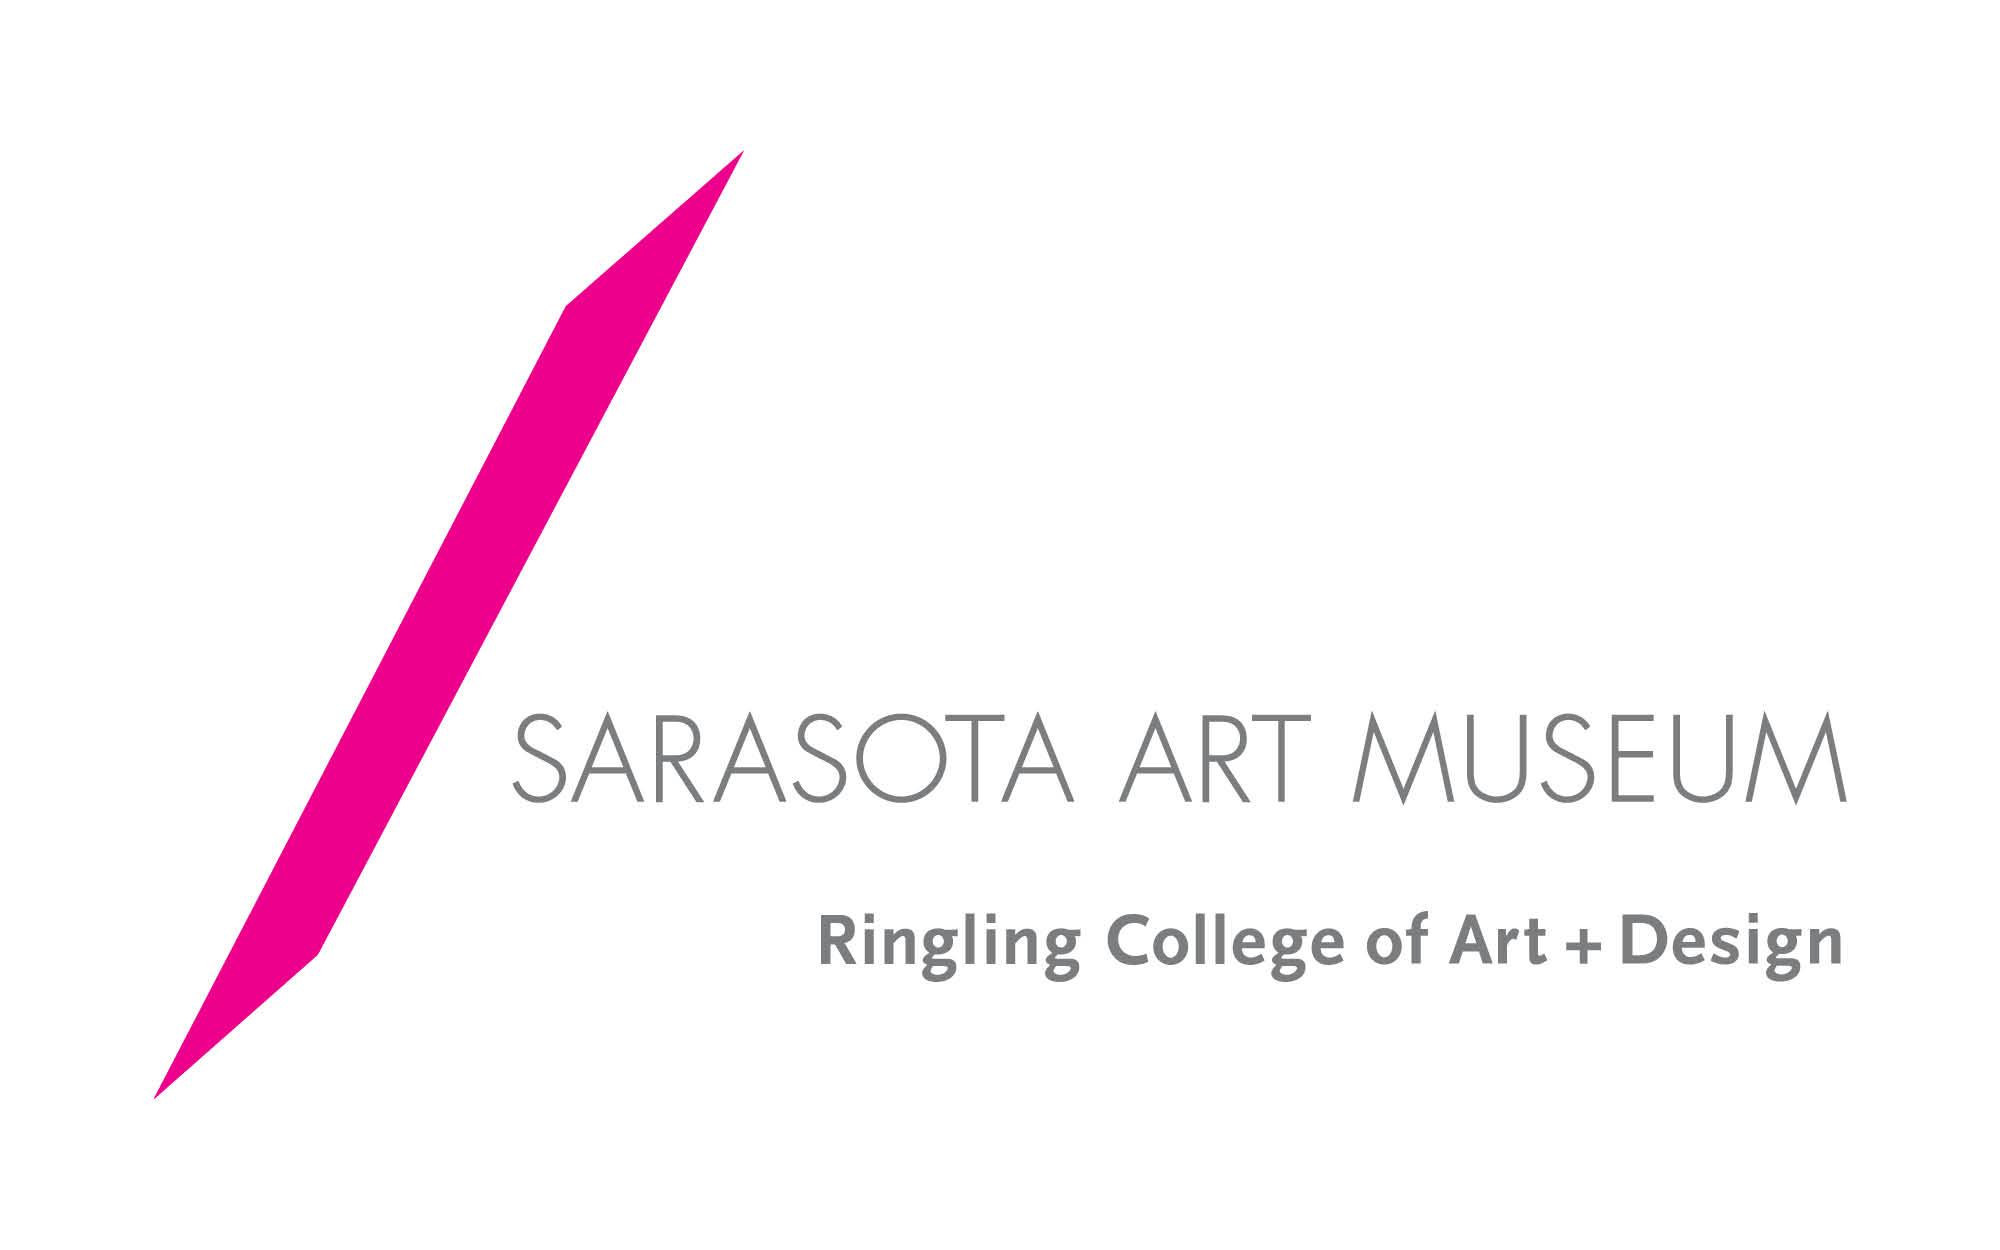 Sarasota Art Museum Logo lockup